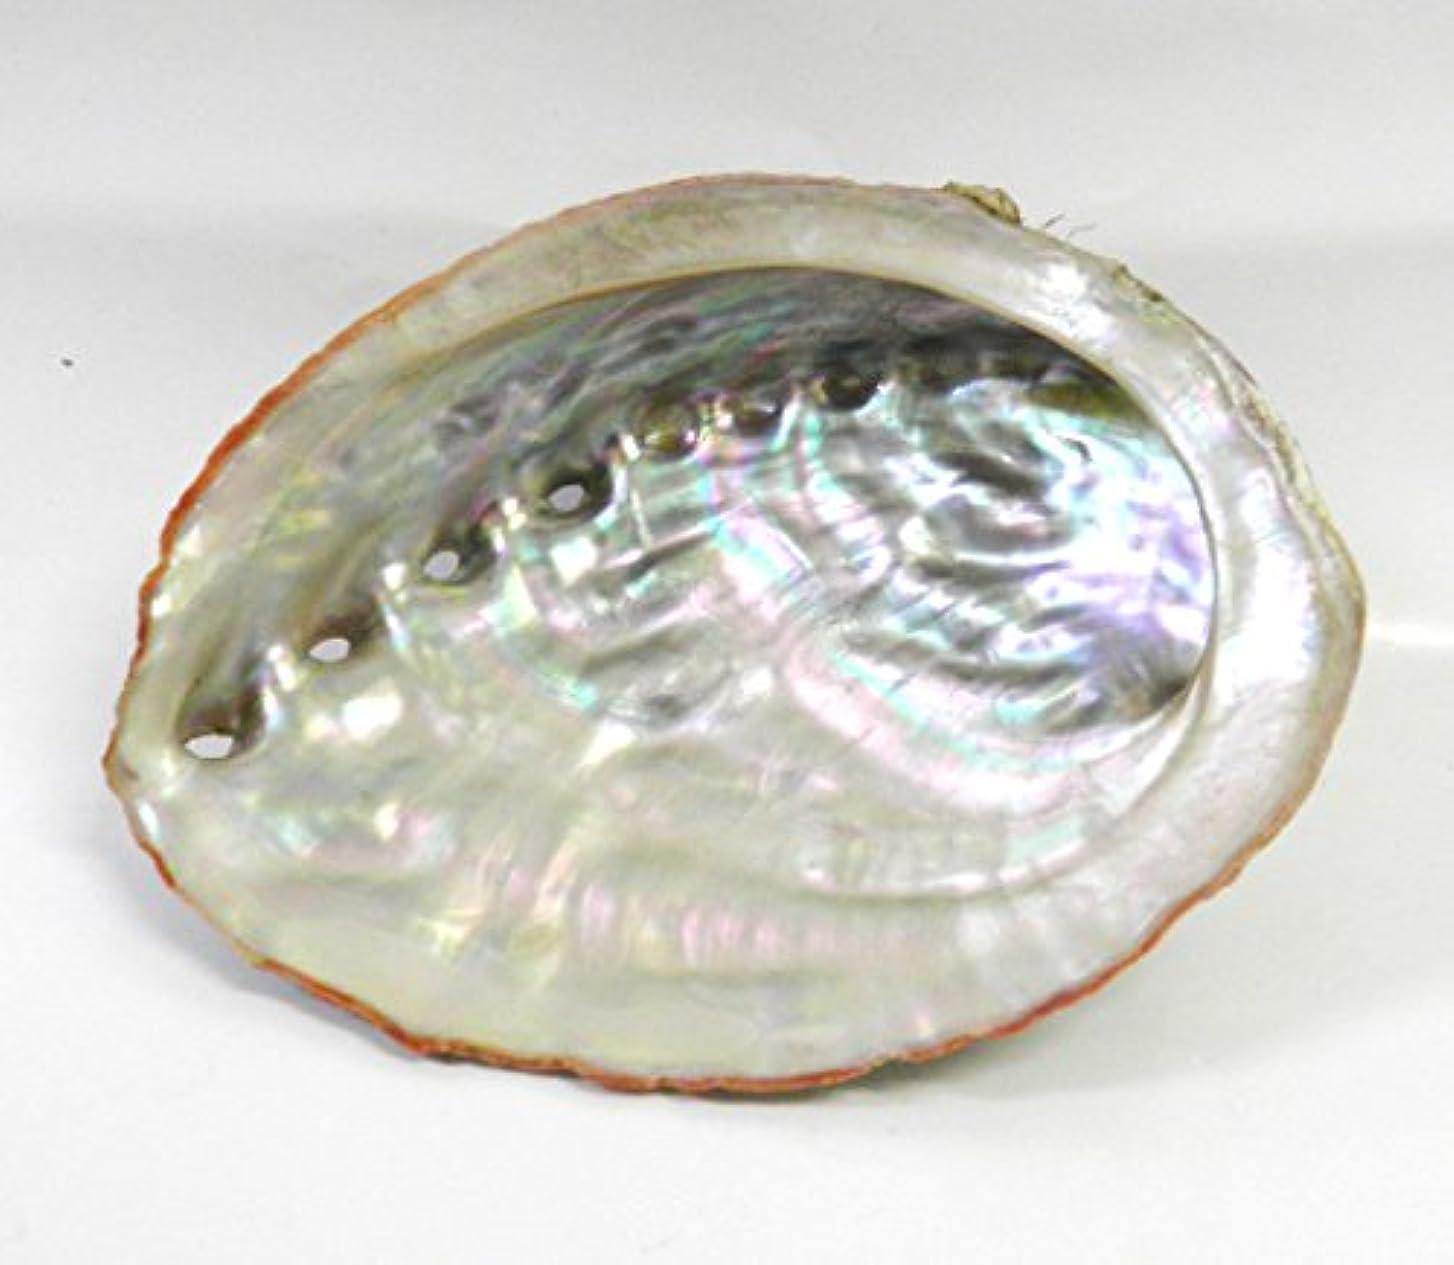 契約非互換タクシーアワビの貝殻 アバロン シェル ホワイトセージ 浄化用 お香 空間浄化 天然石